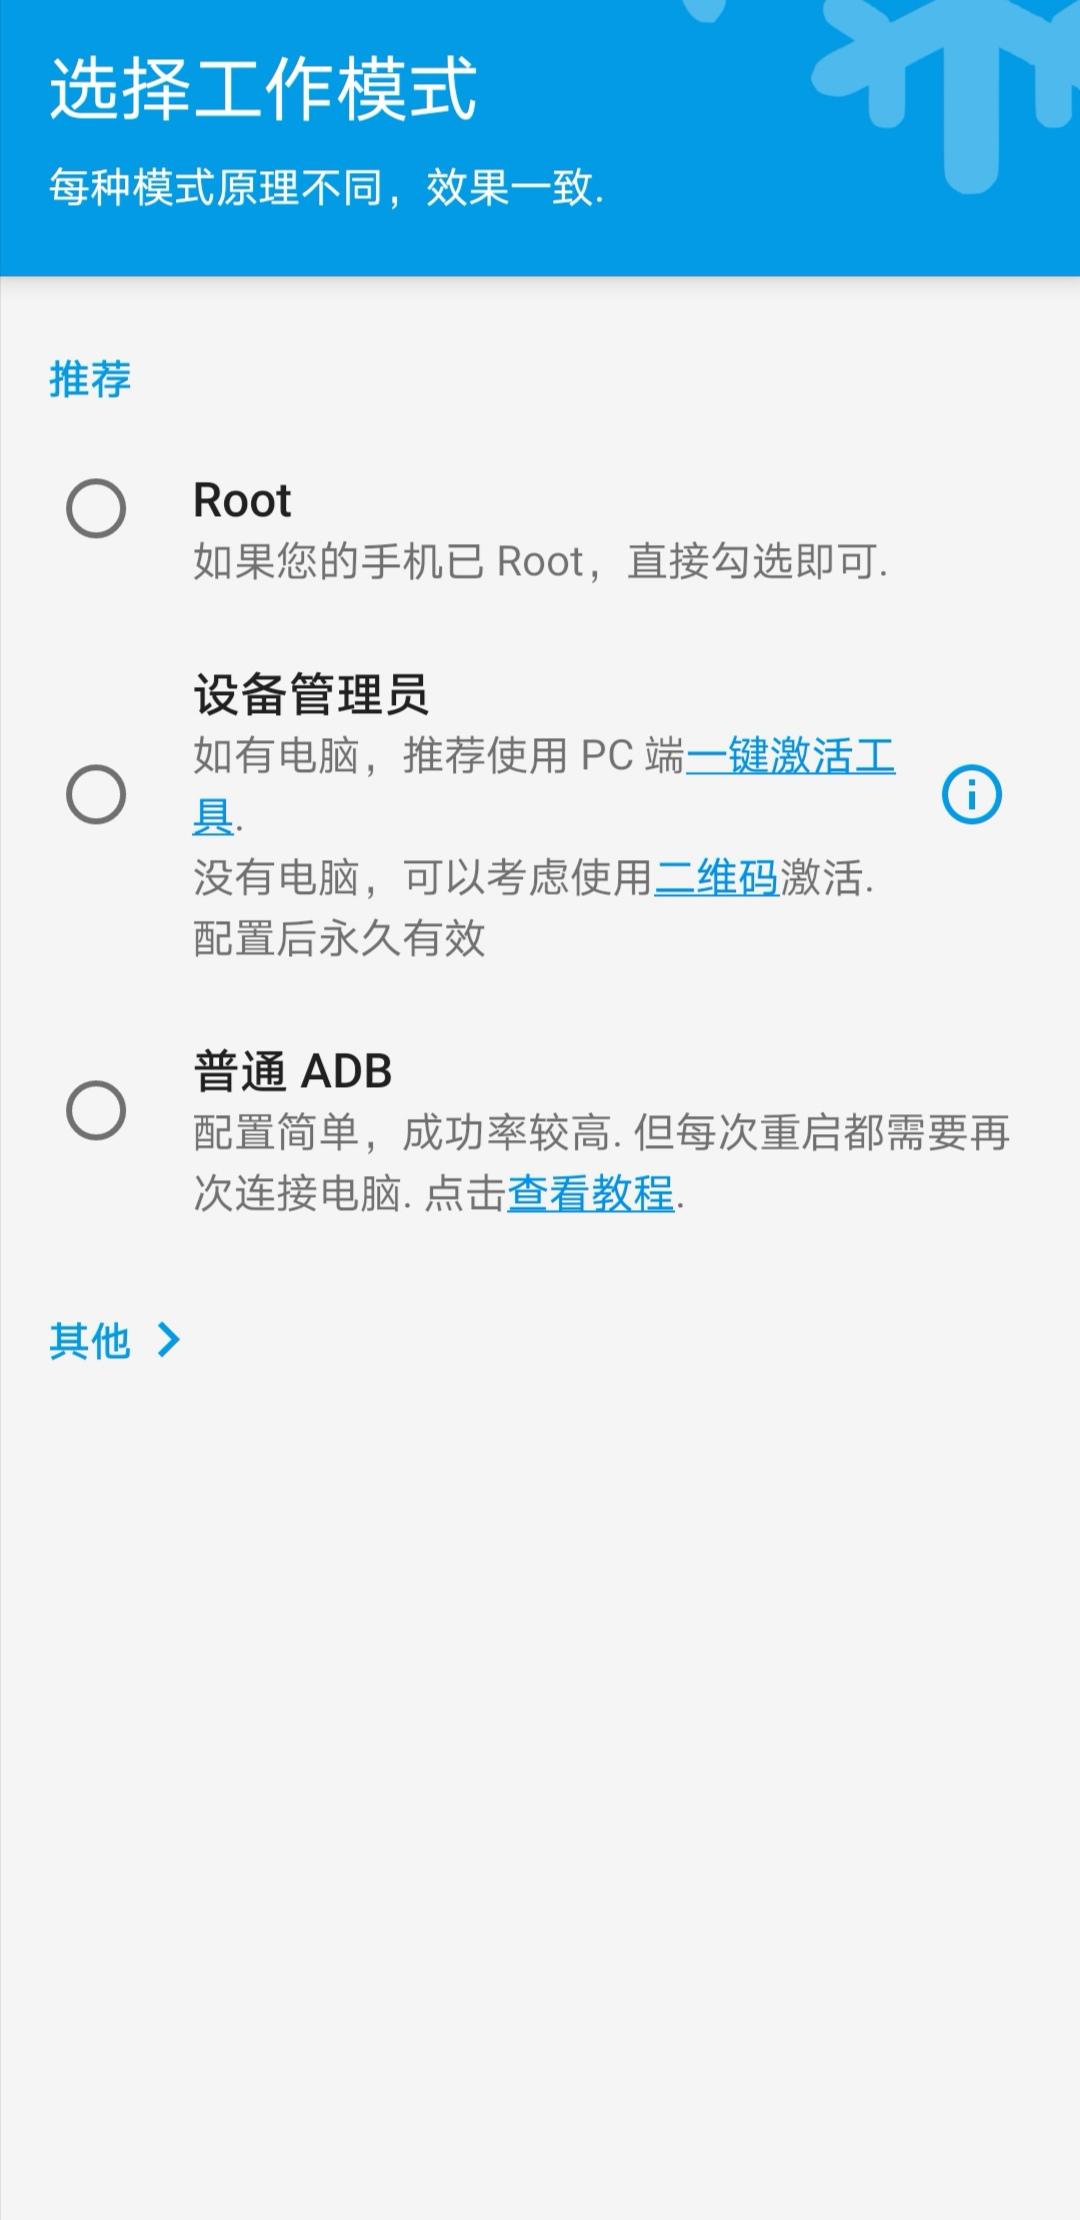 【分享】:冰箱v3.18.2 C 一个可以冻结软件的应用